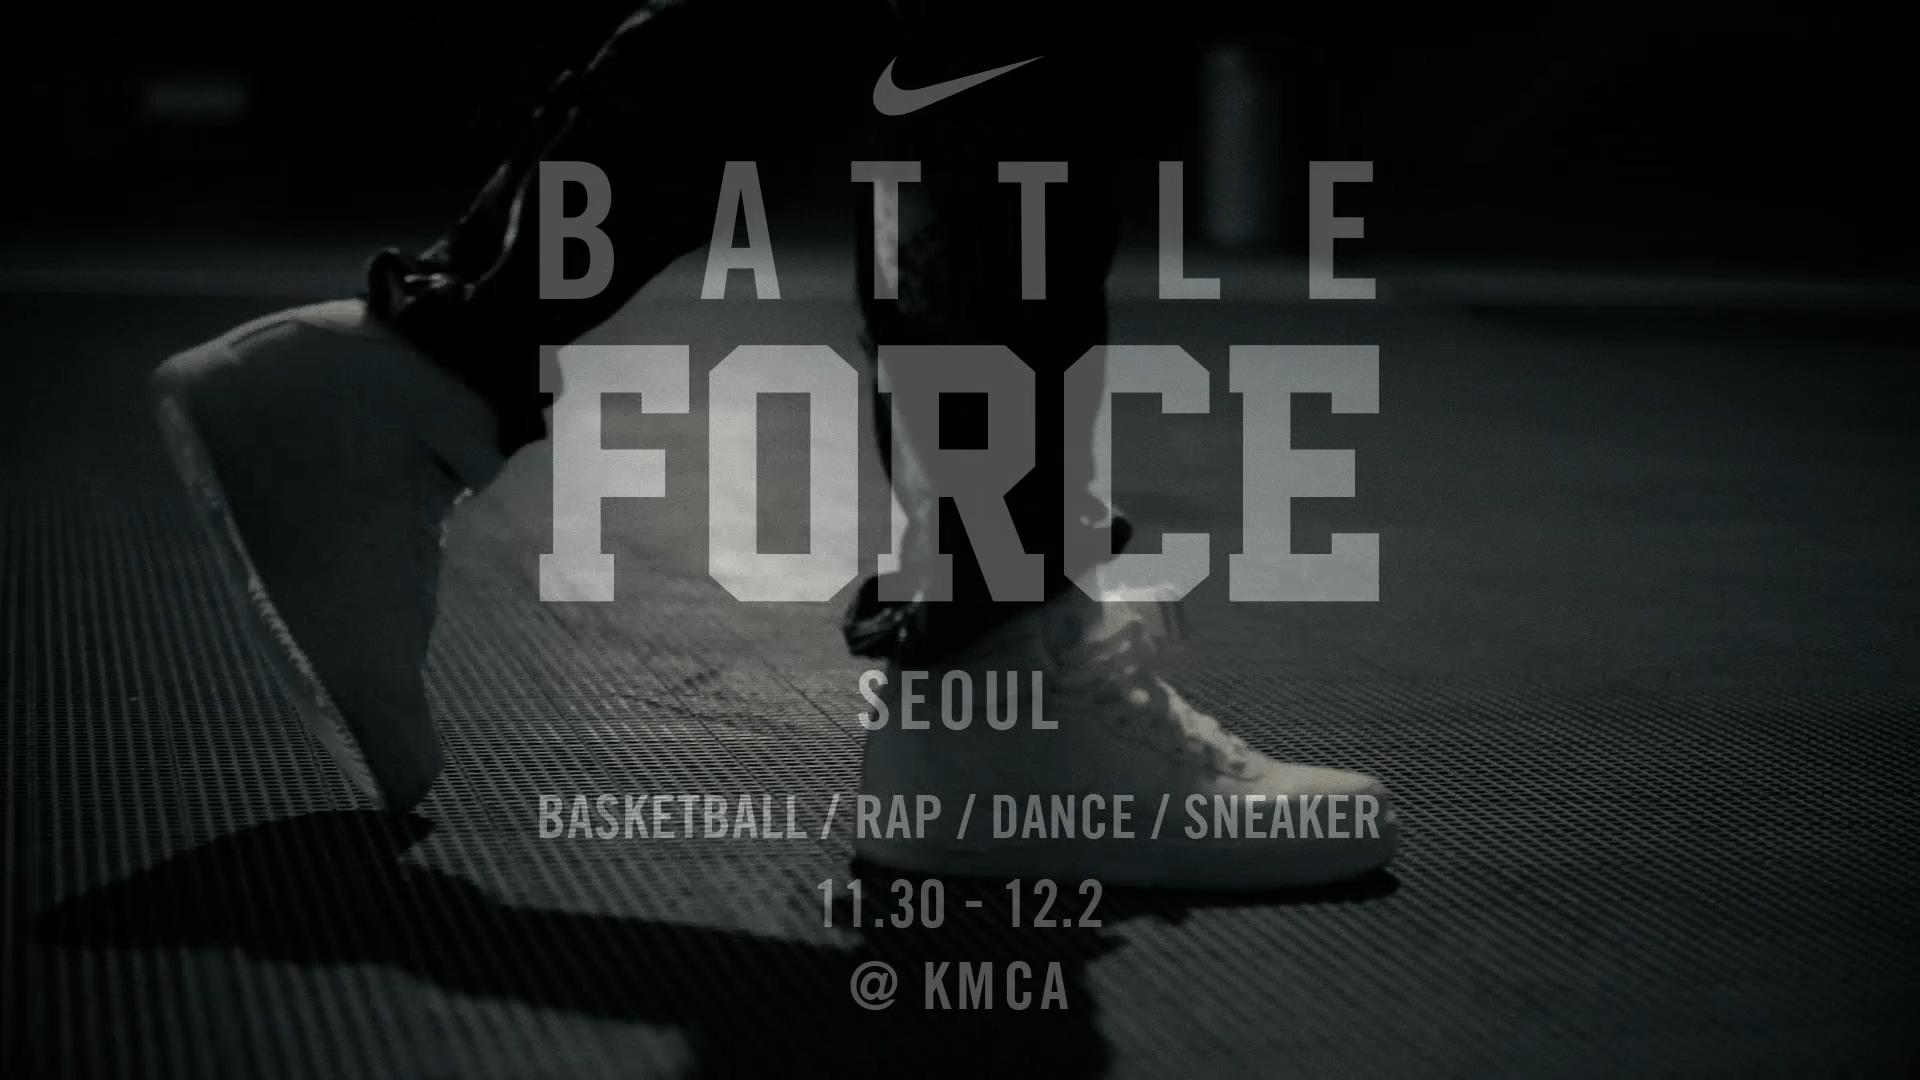 Nike_배틀포스